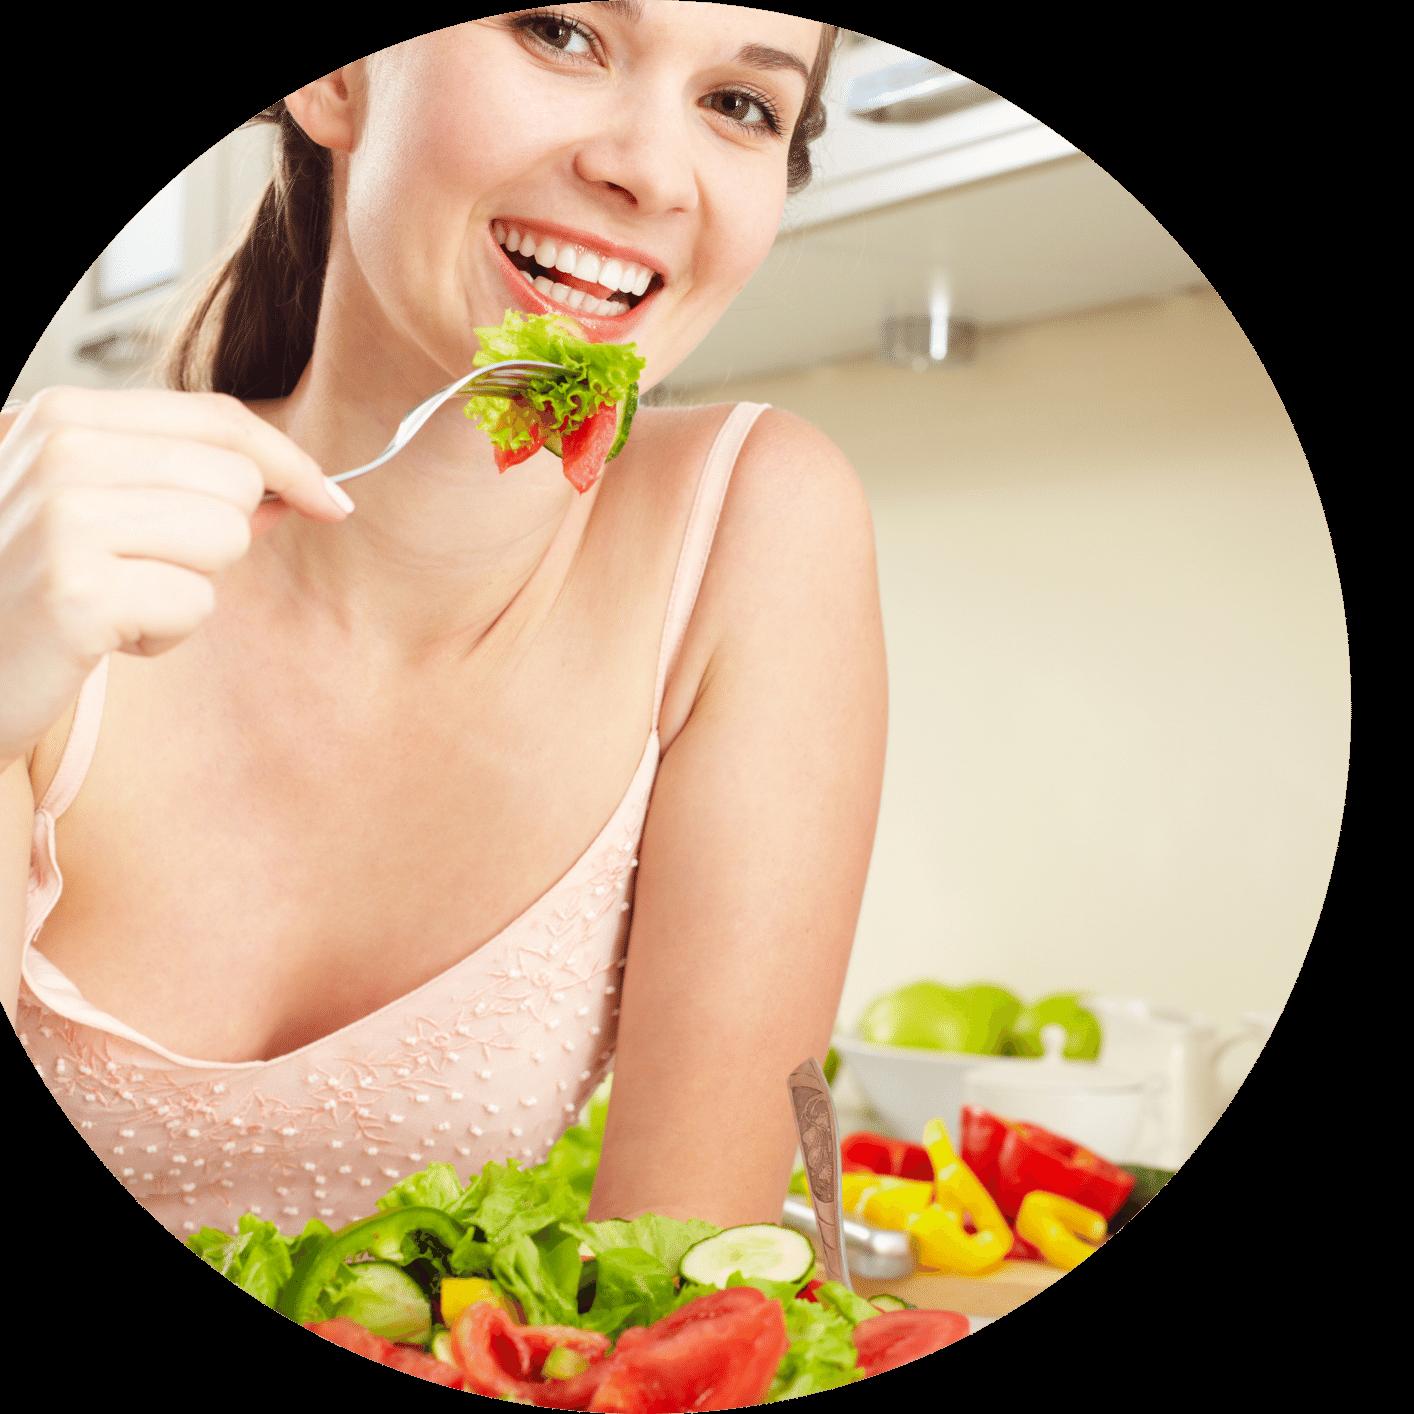 Ohne Diät stressfrei abnehmen - 12 Wochen Online Personal Training um sich sexy, energisch und lebendig zu fühlen - PowerEltern Club für Mütter